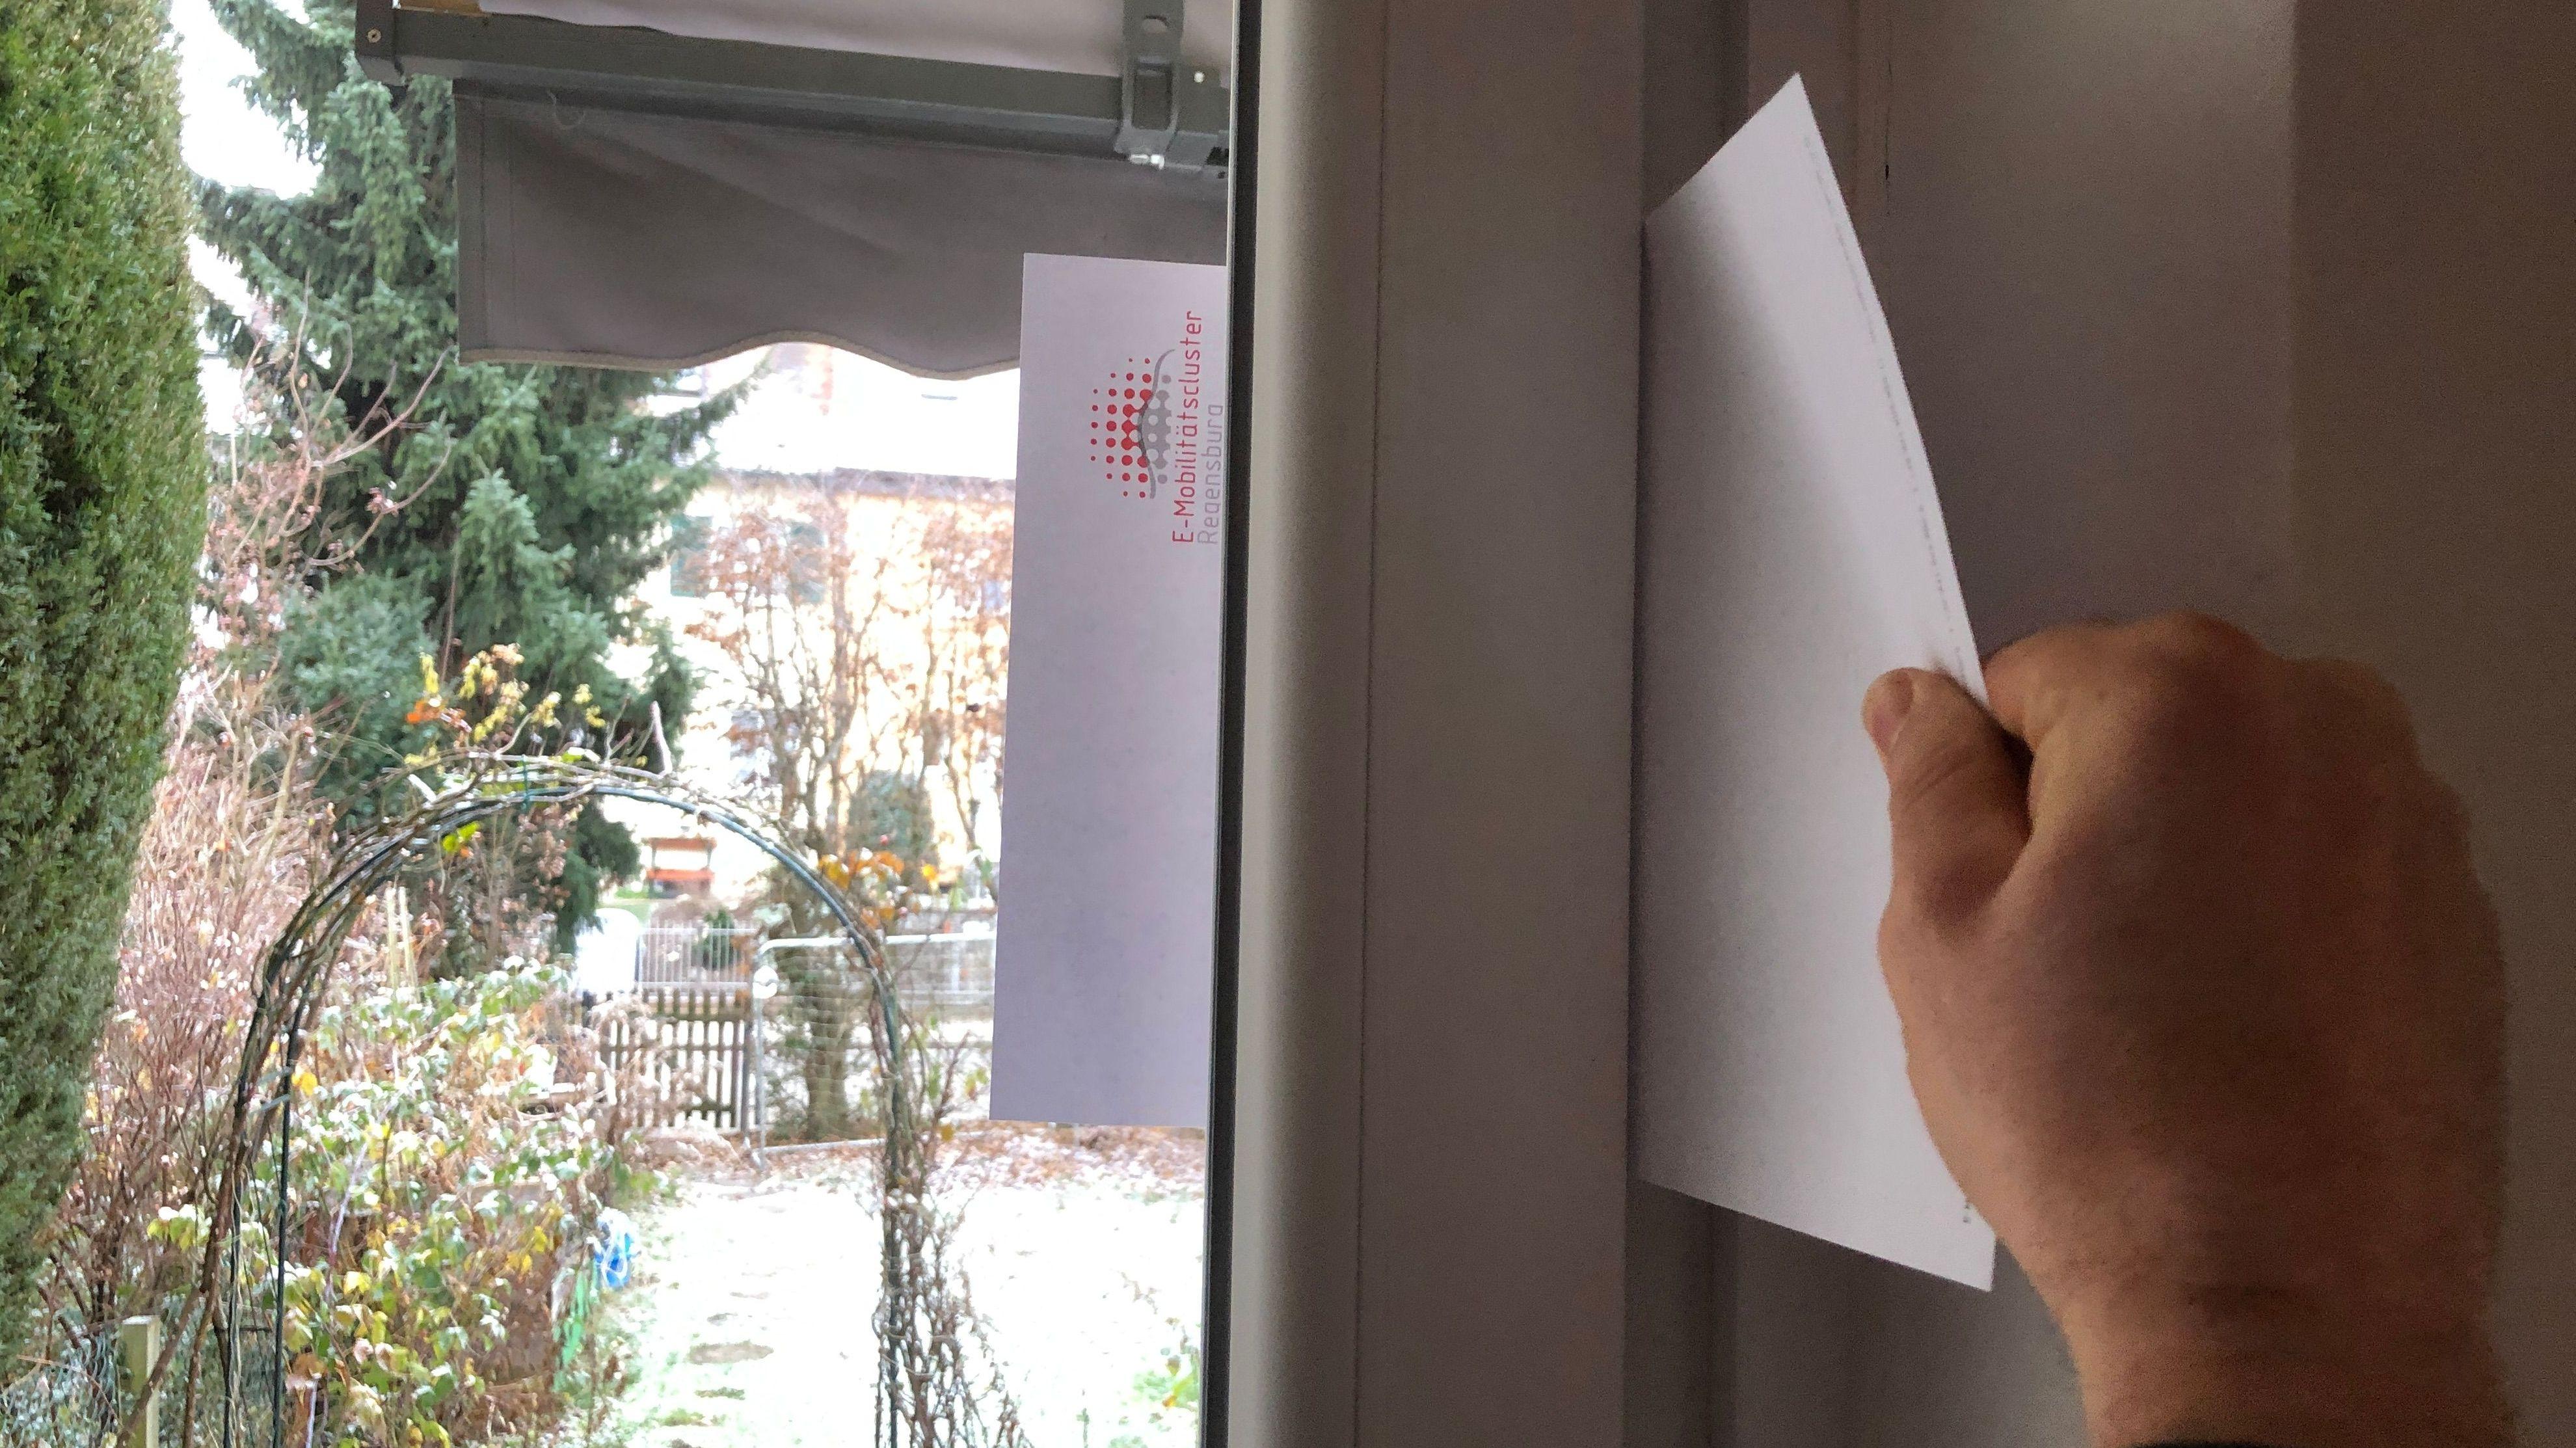 Fenster-Test:  Lässt sich das zwischen Fenster und Rahmen eingeklemmte Papier herausziehen, ist das Fenster nicht dicht.